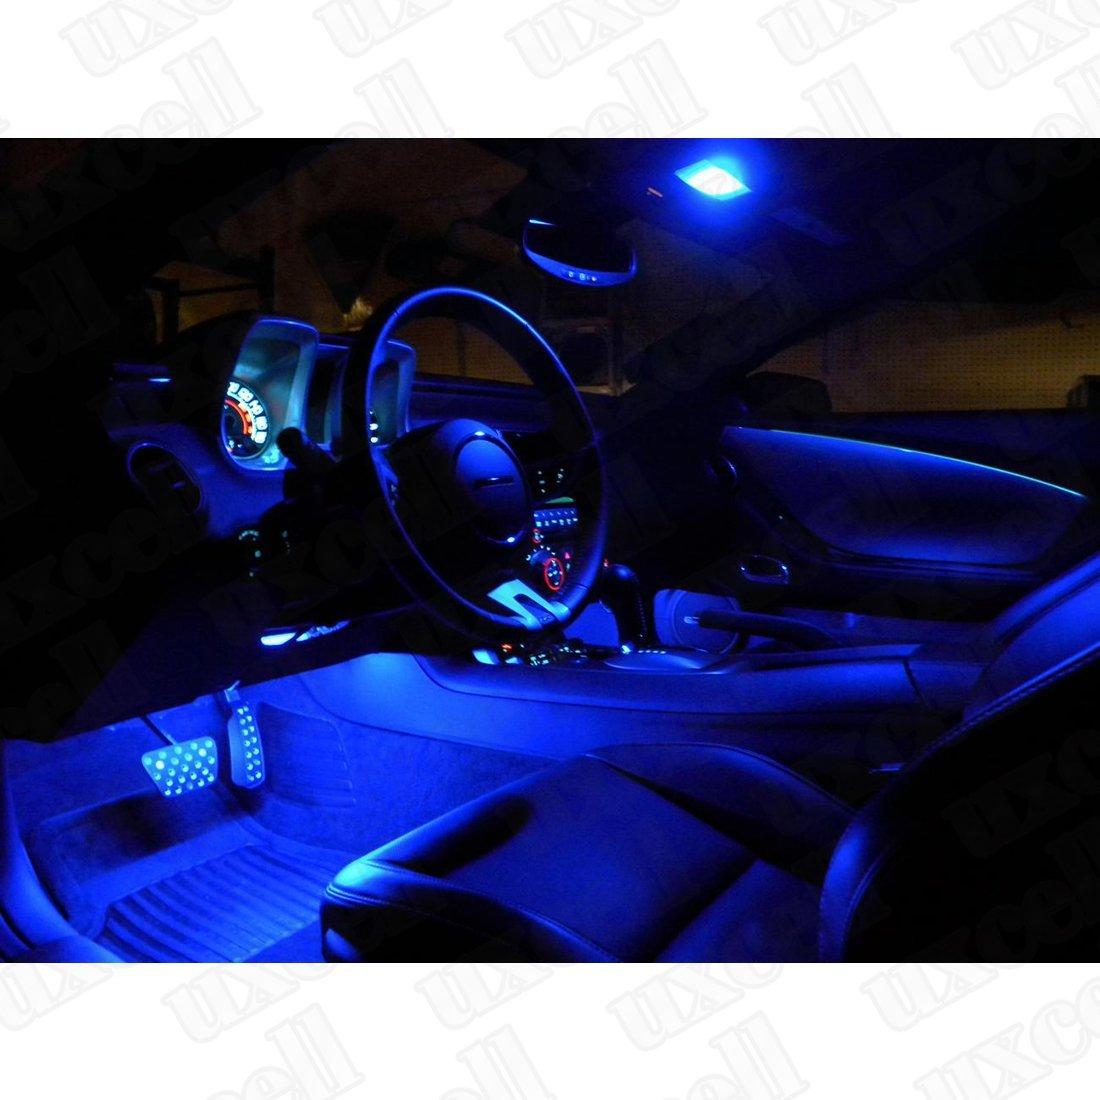 Amazon.com: eDealMax 10Pcs 42mm 8 SMD 3528 LED Azul Adorno Mapa de luz de la lámpara 212 internos: Automotive